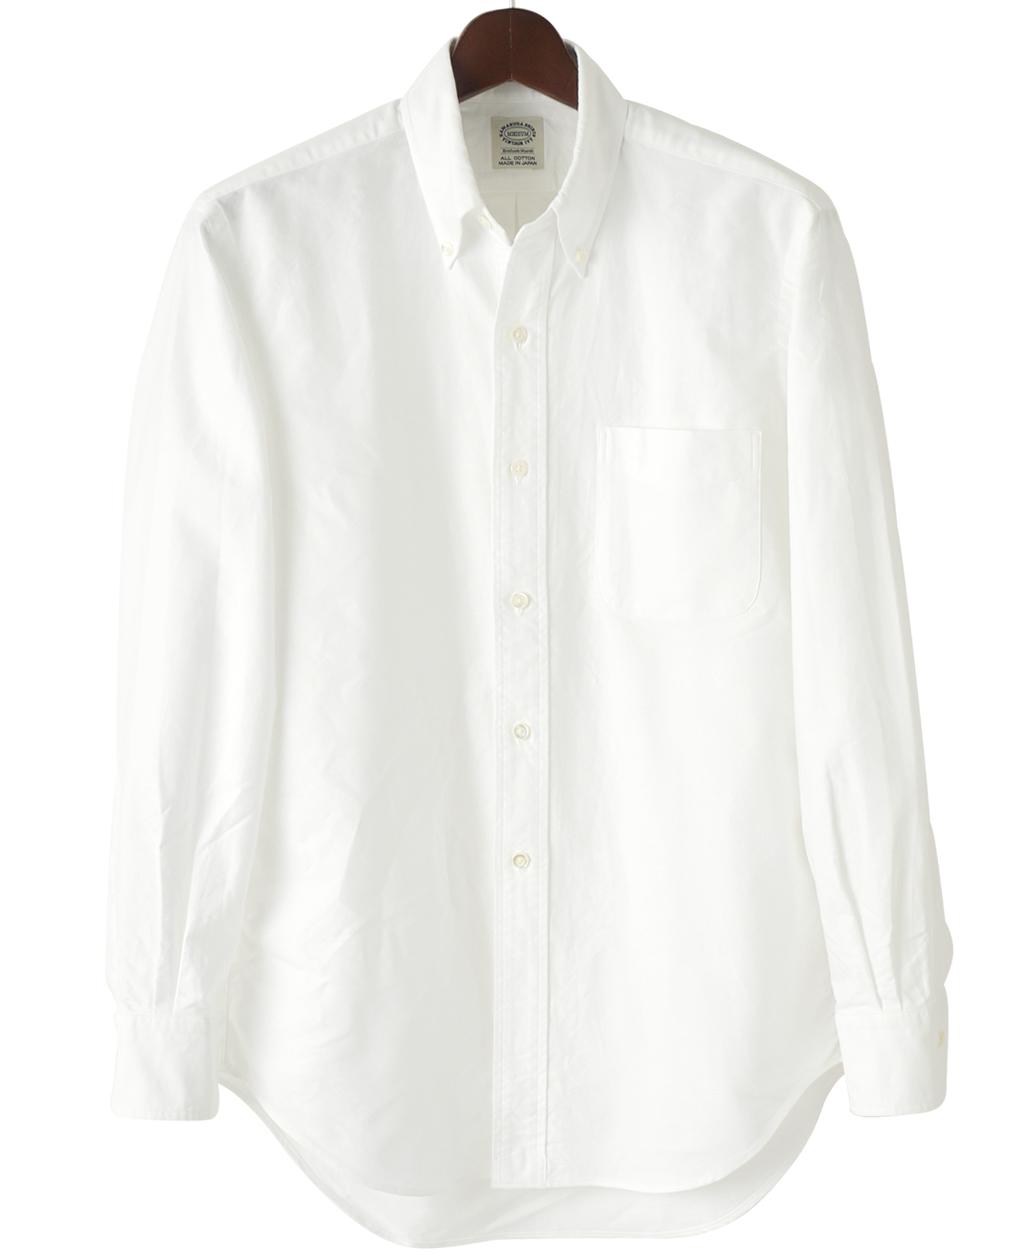 【コスパ重視】低価格で高品質なメンズ白シャツまとめ